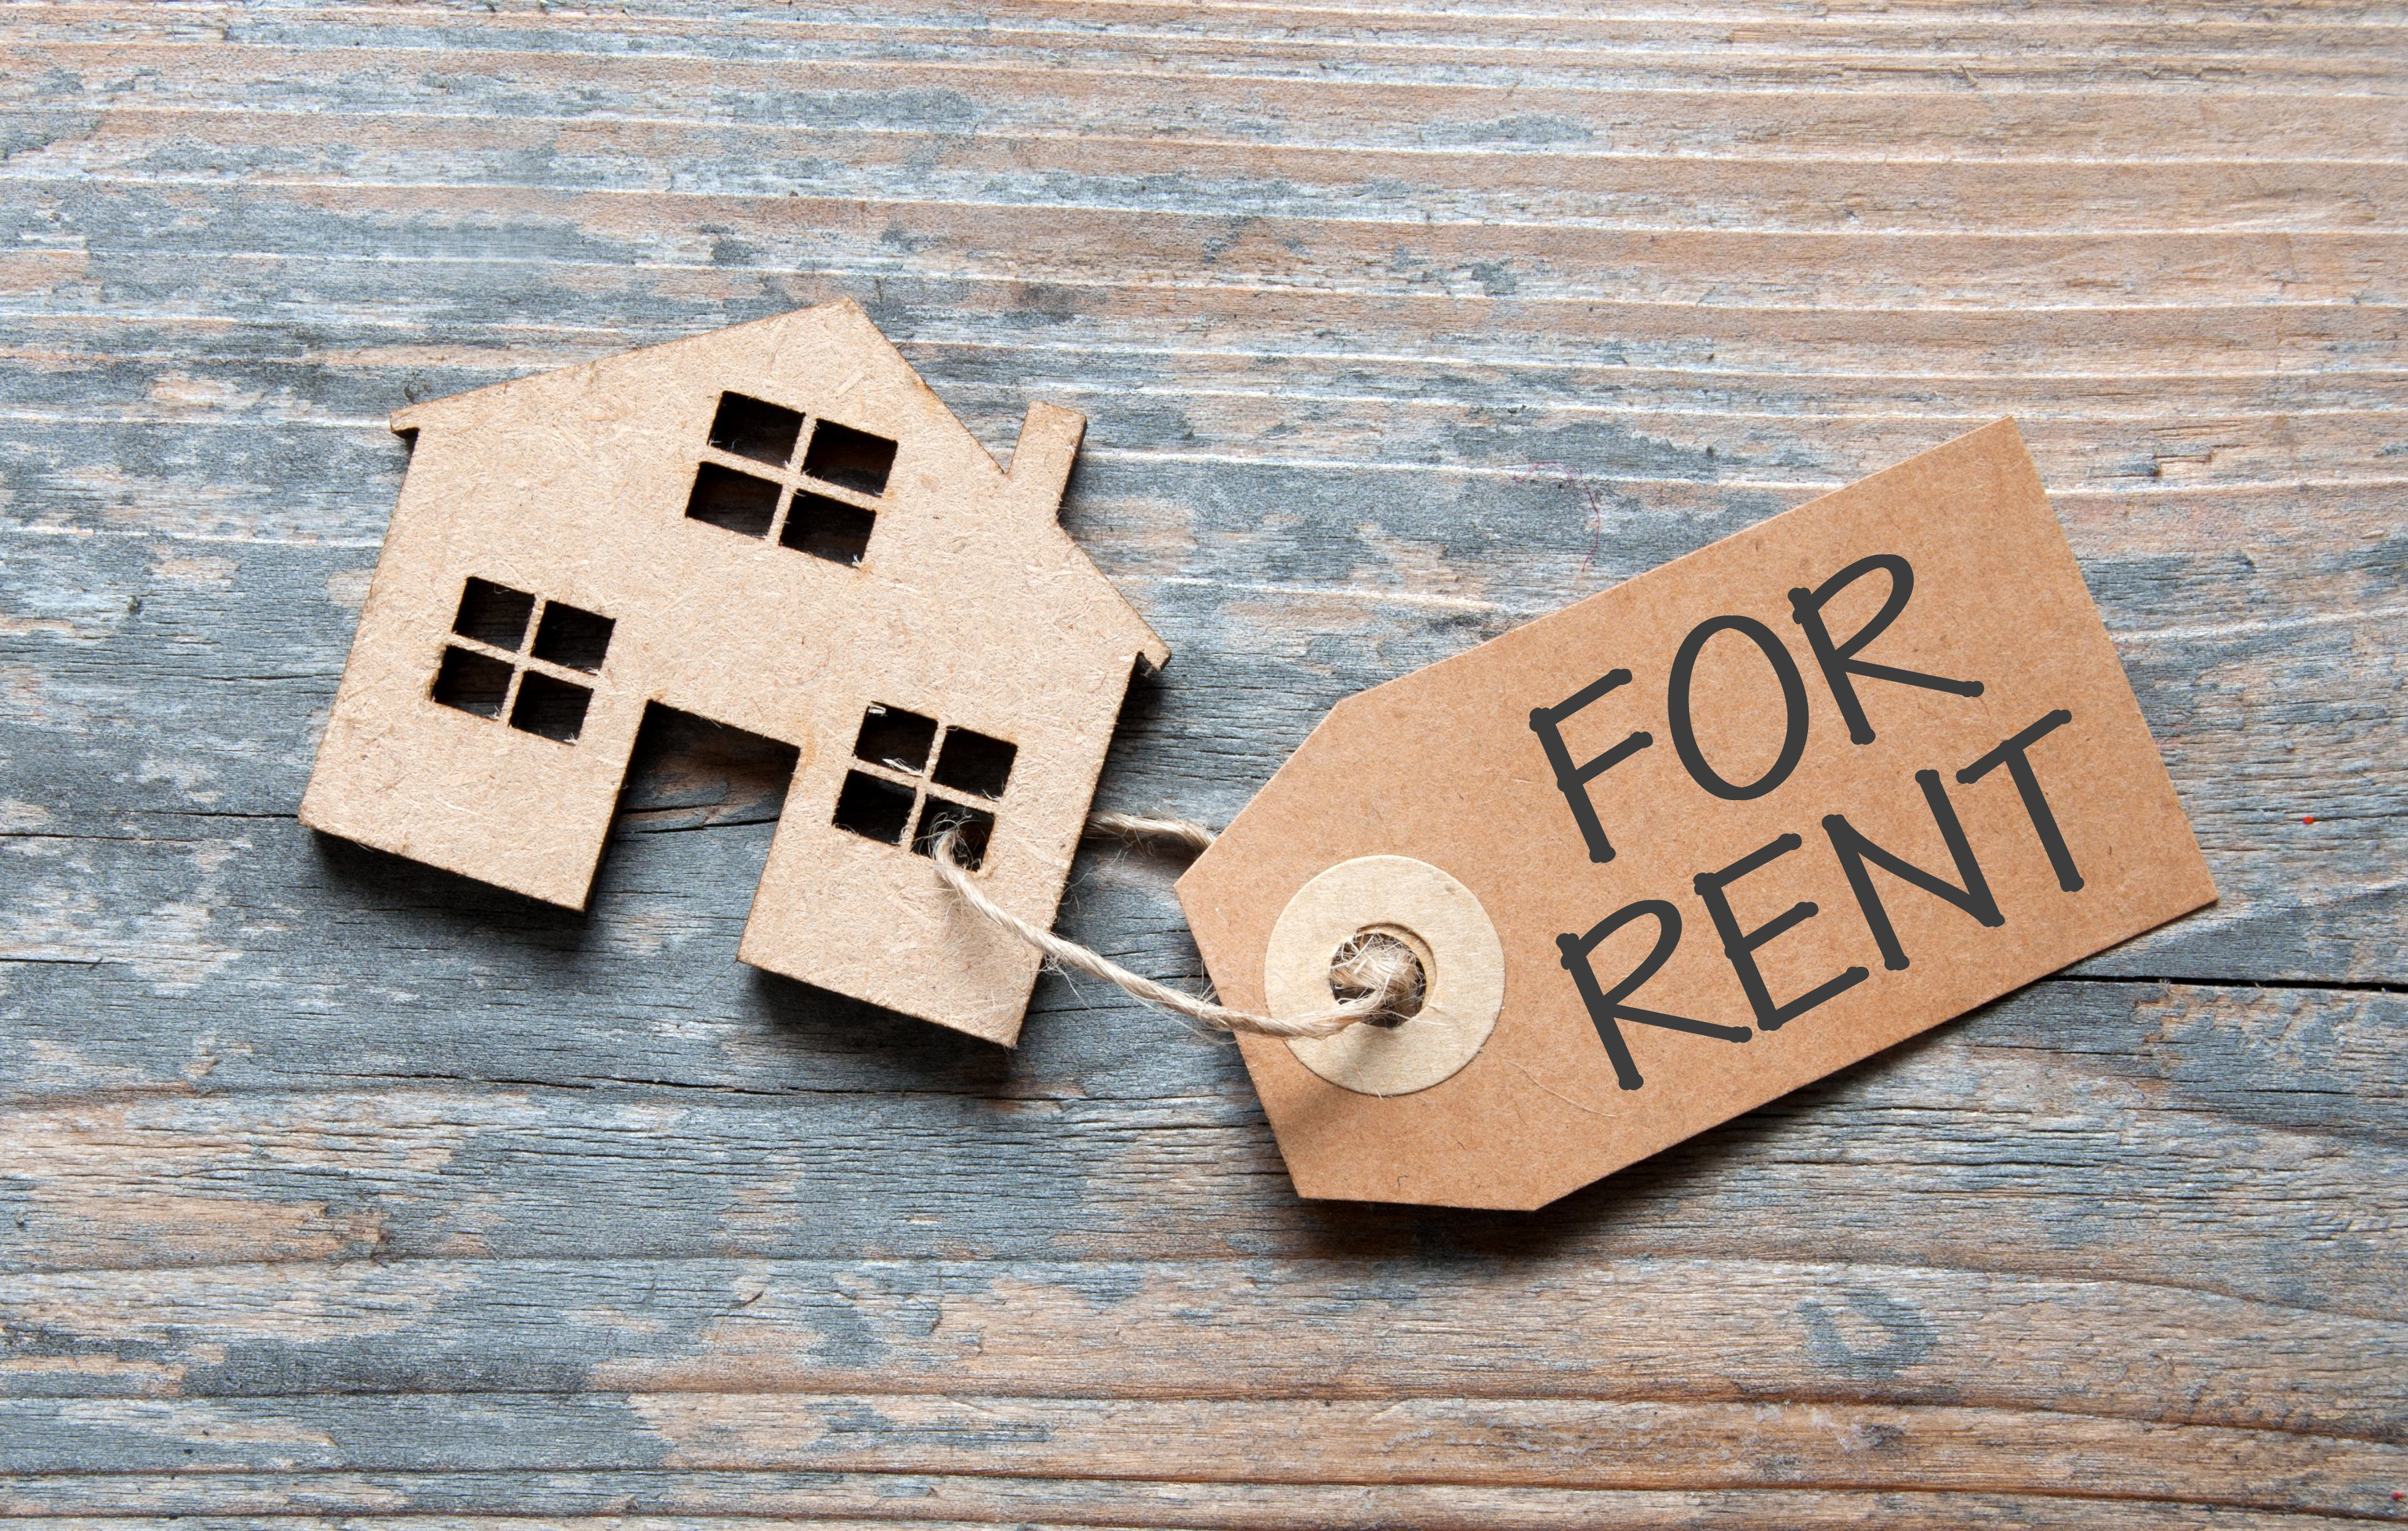 Vermietung - Stille Immobilien